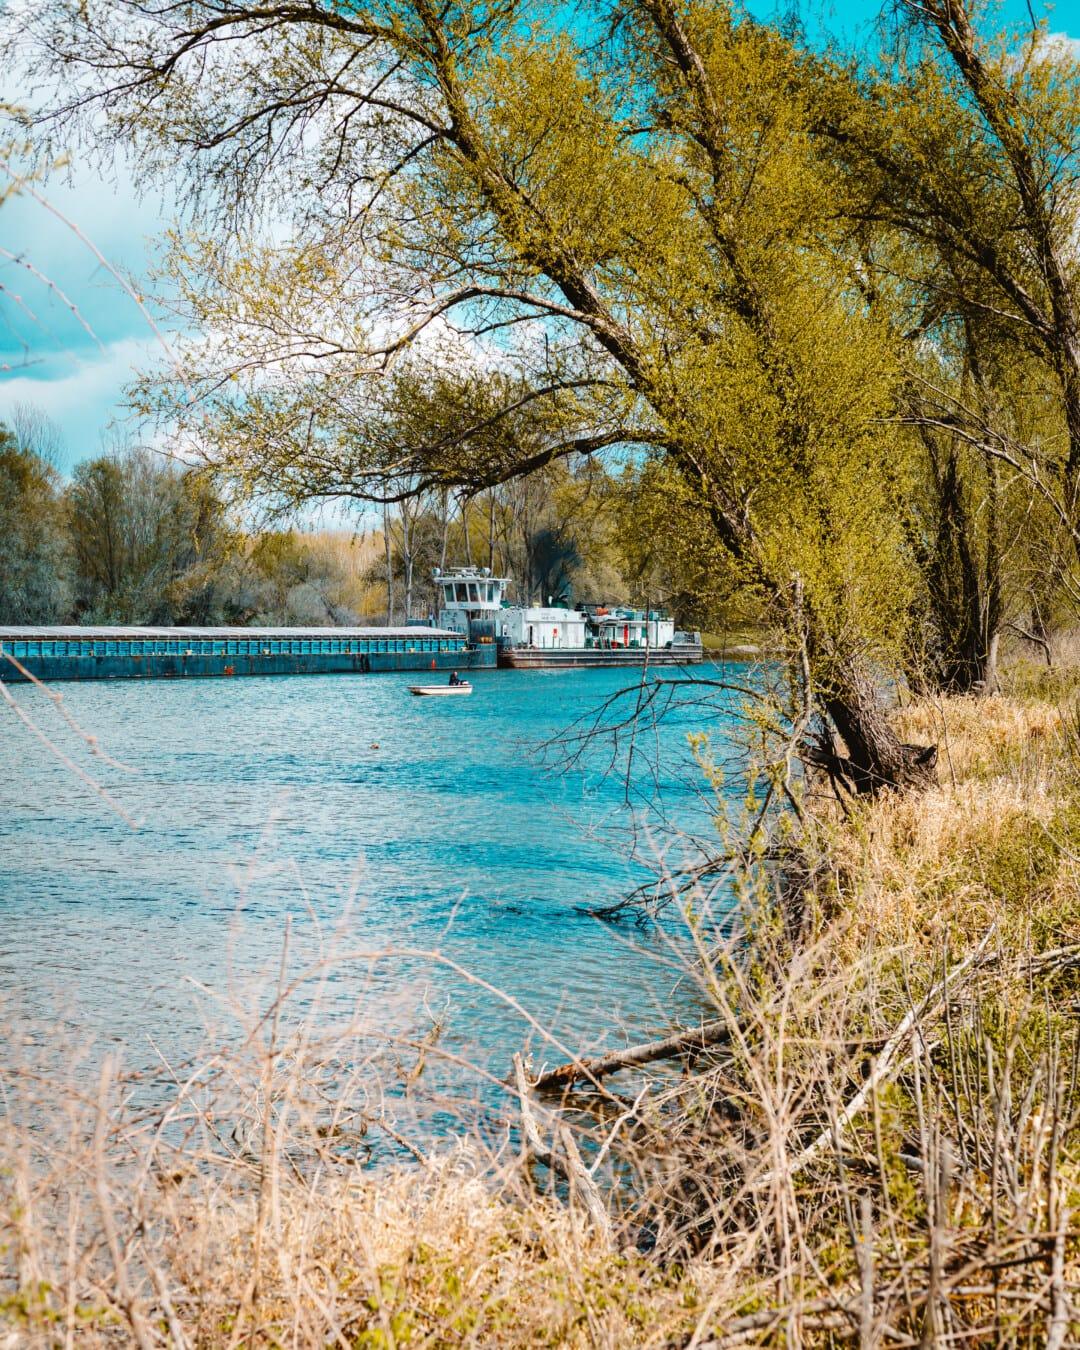 Barge, vrachtschip, verzending, kanaal, bos, water, landschap, meer, boom, natuur